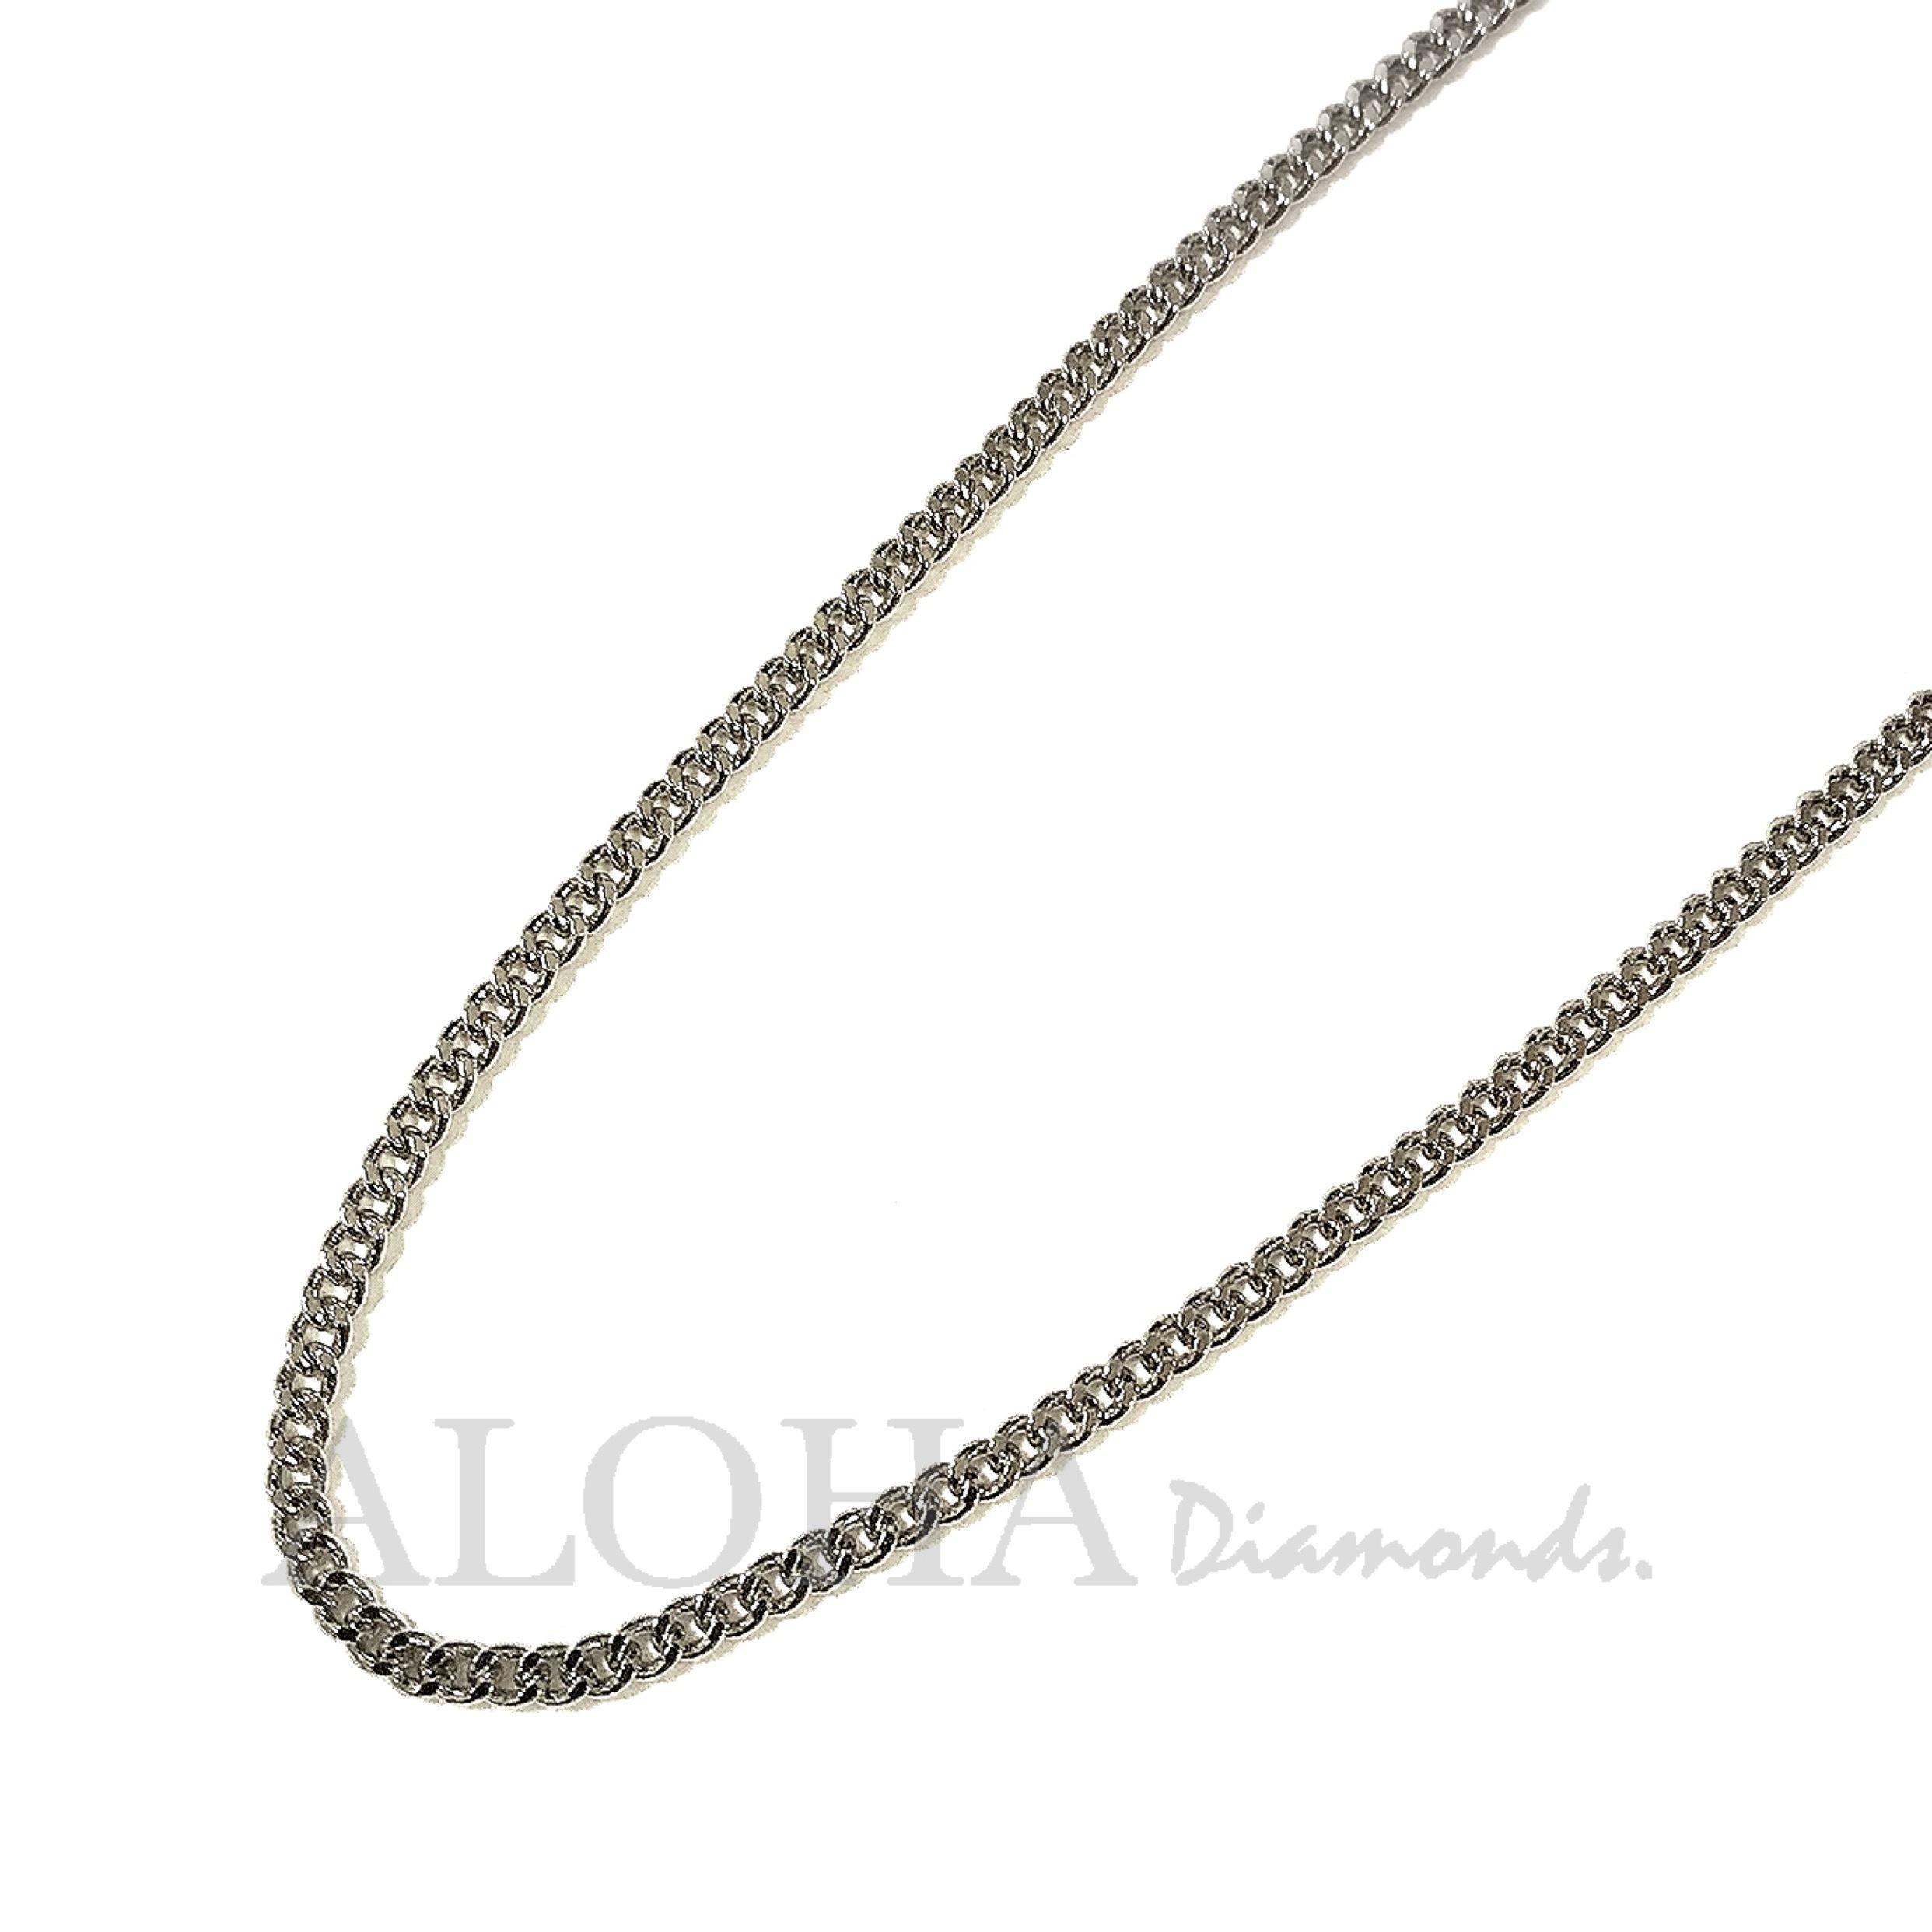 ✴︎✴︎✴︎The chain - No.3 ✴︎✴︎✴︎シルバー/ネックレス 48cm(ネックレス単品)